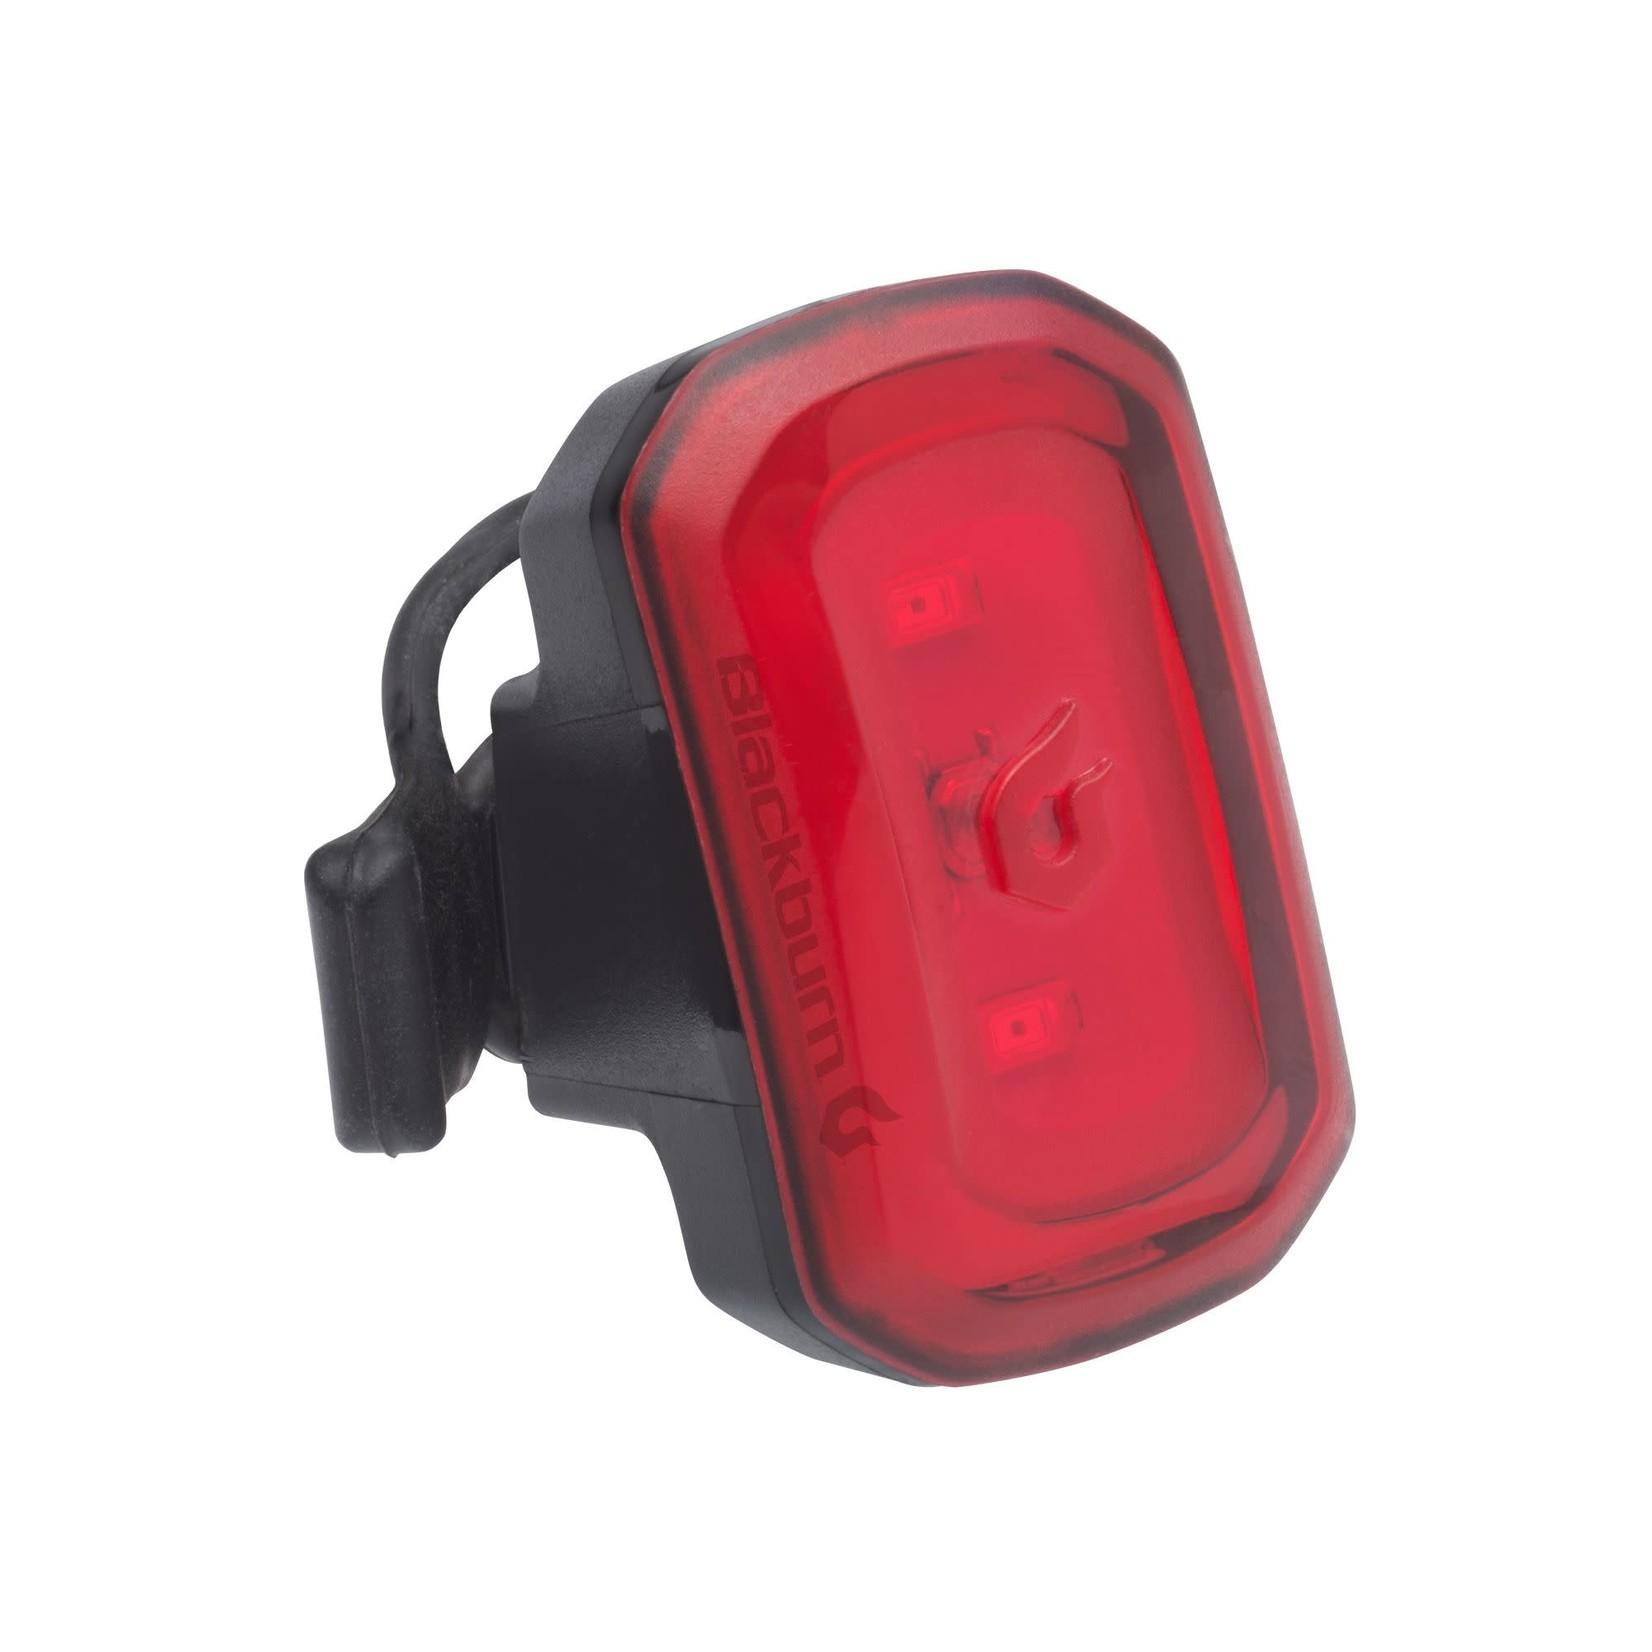 USB Rear Click Light